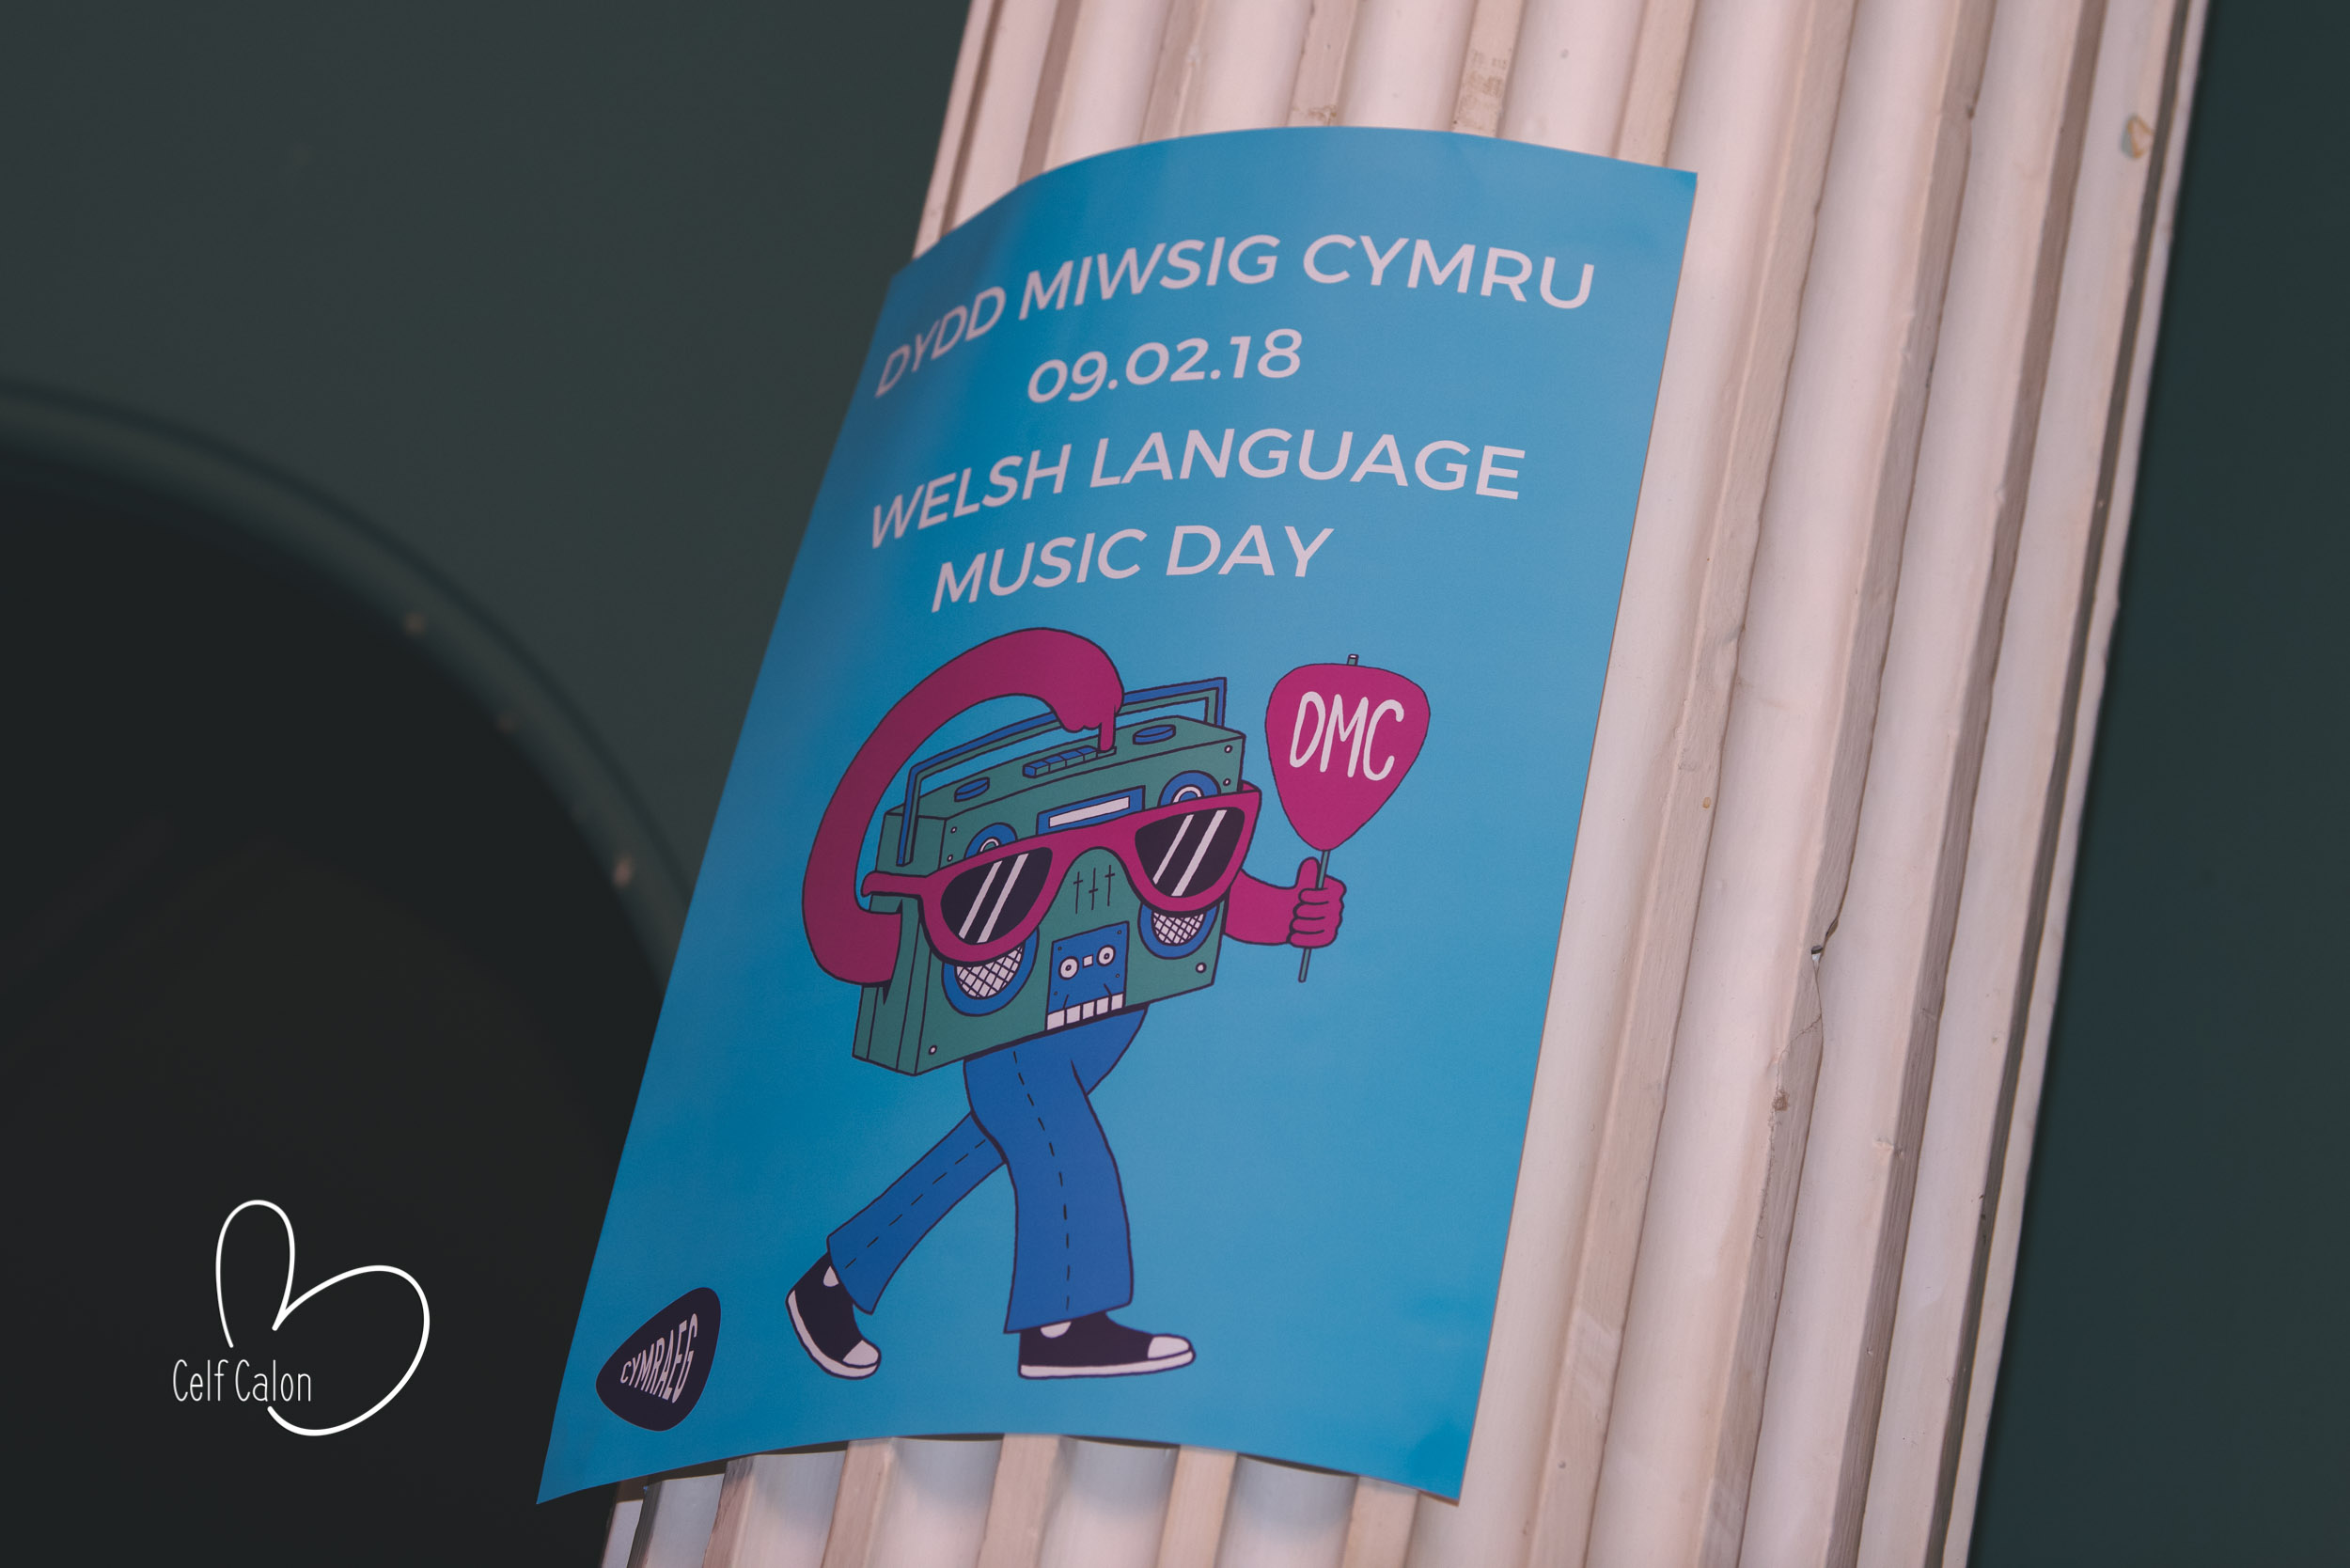 09_02_2018_dydd Miwsig Cymru_043.jpg